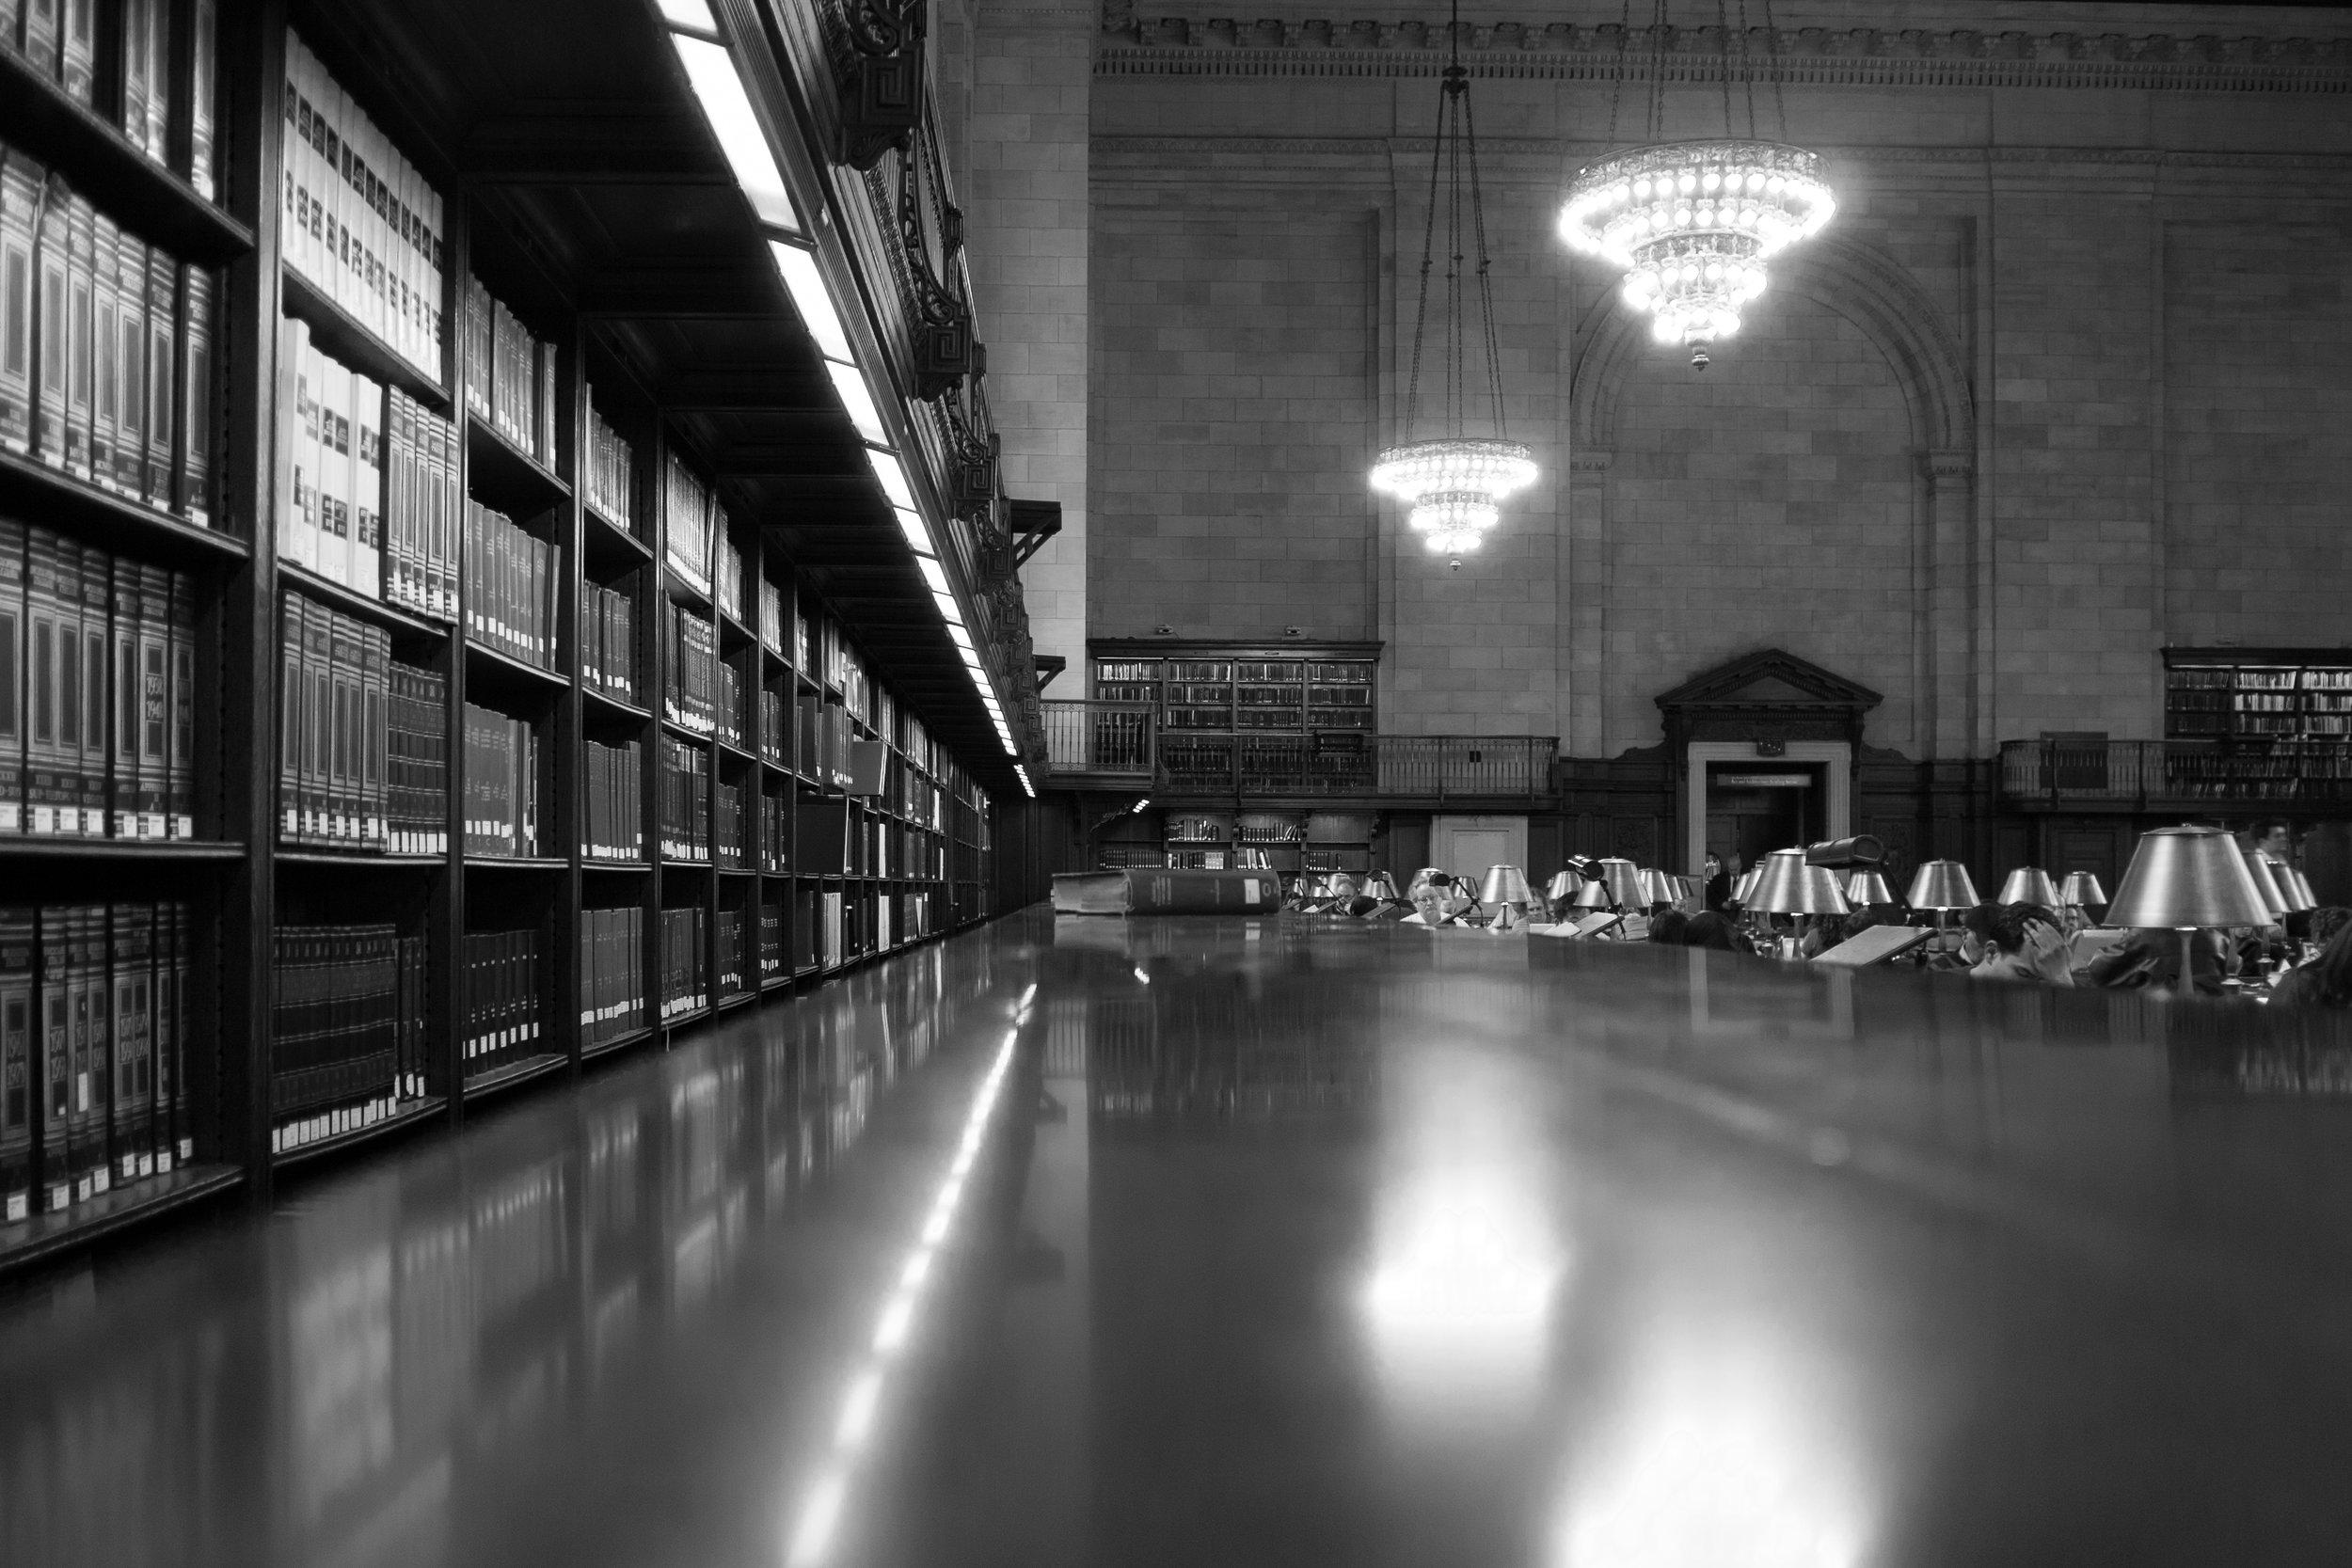 Libraries-11.jpg